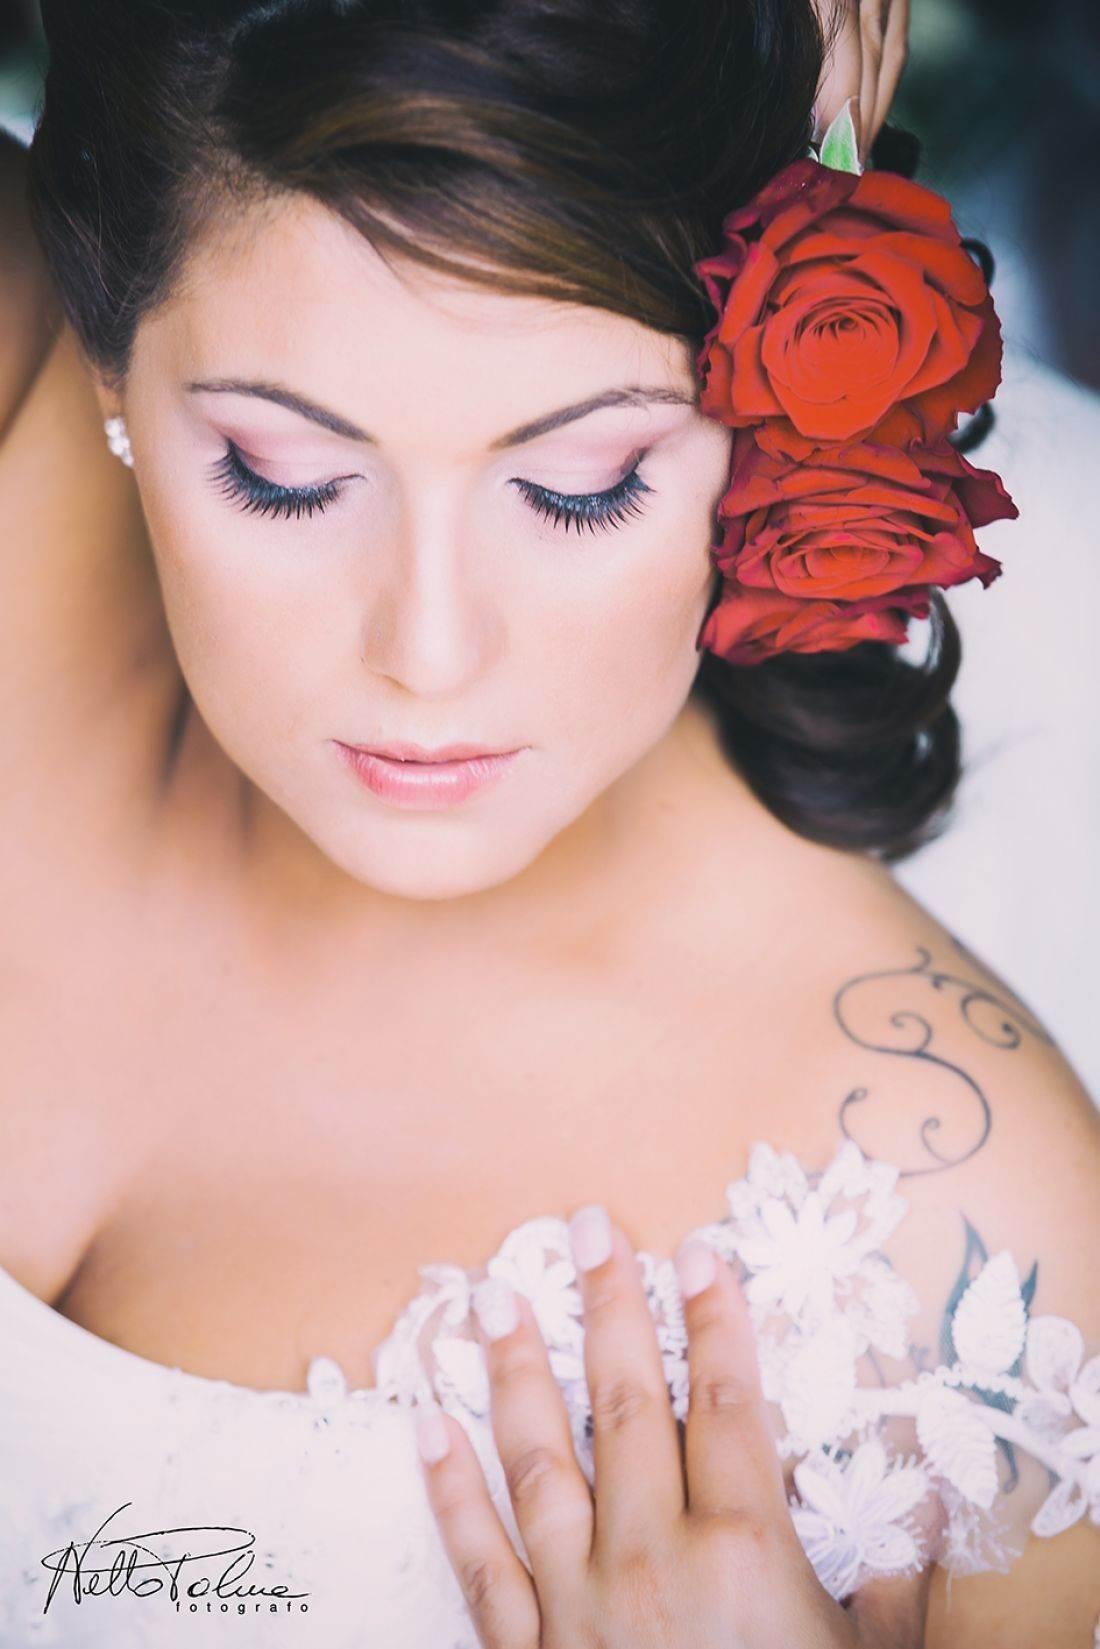 Da Tatuaggio Abito Da E Sposa Abito CxBeroWQd